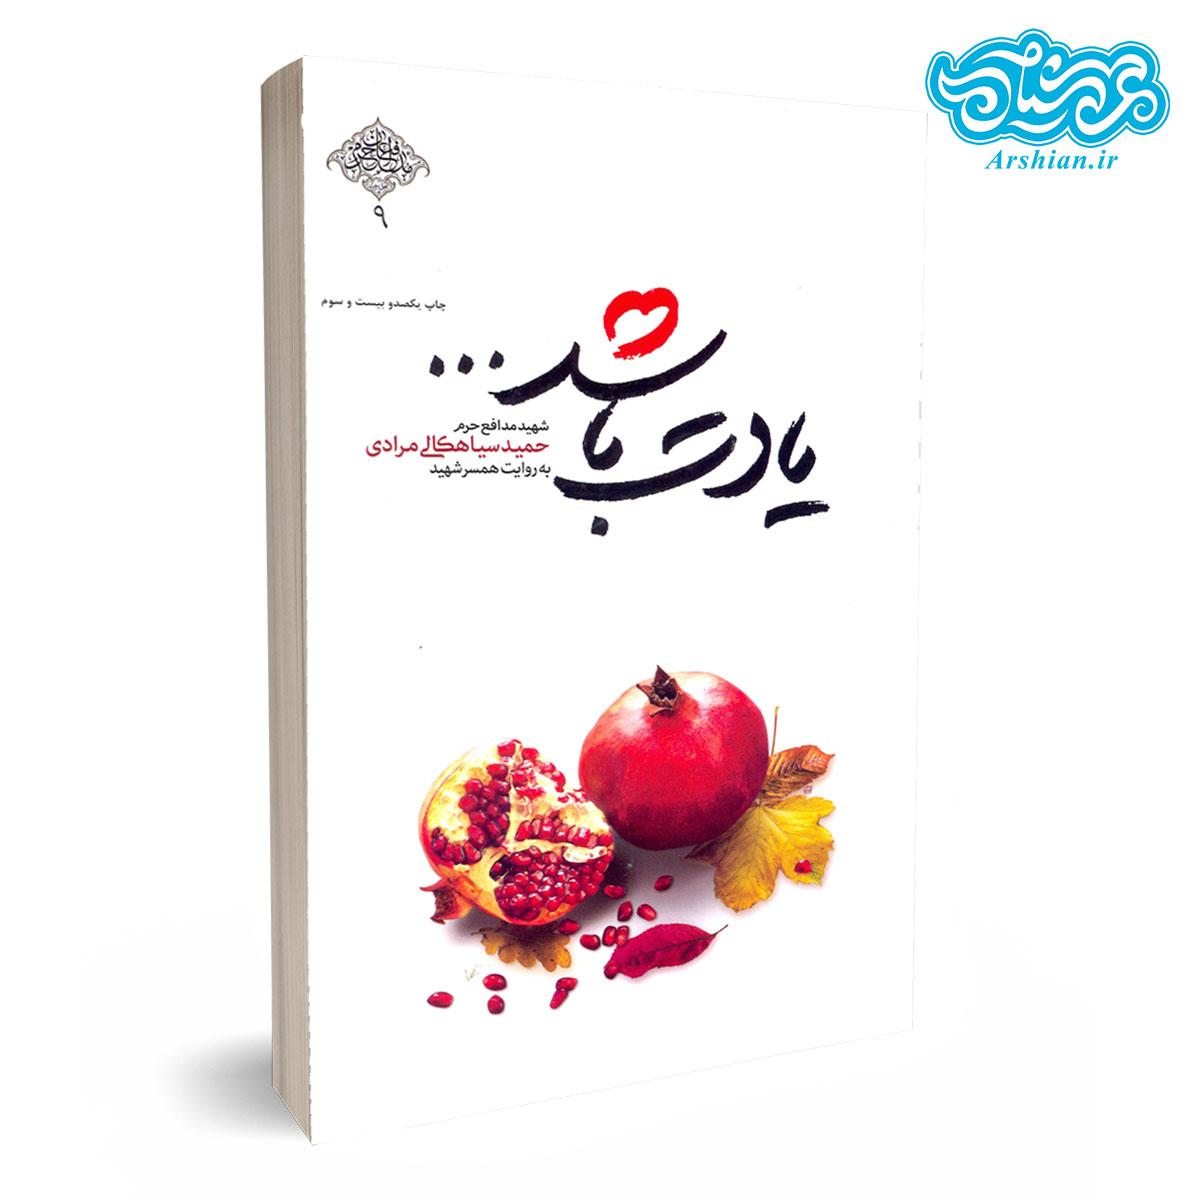 کتاب یادت باشد - خاطرات شهید مدافع حرم حمید سیاهکالی مرادی